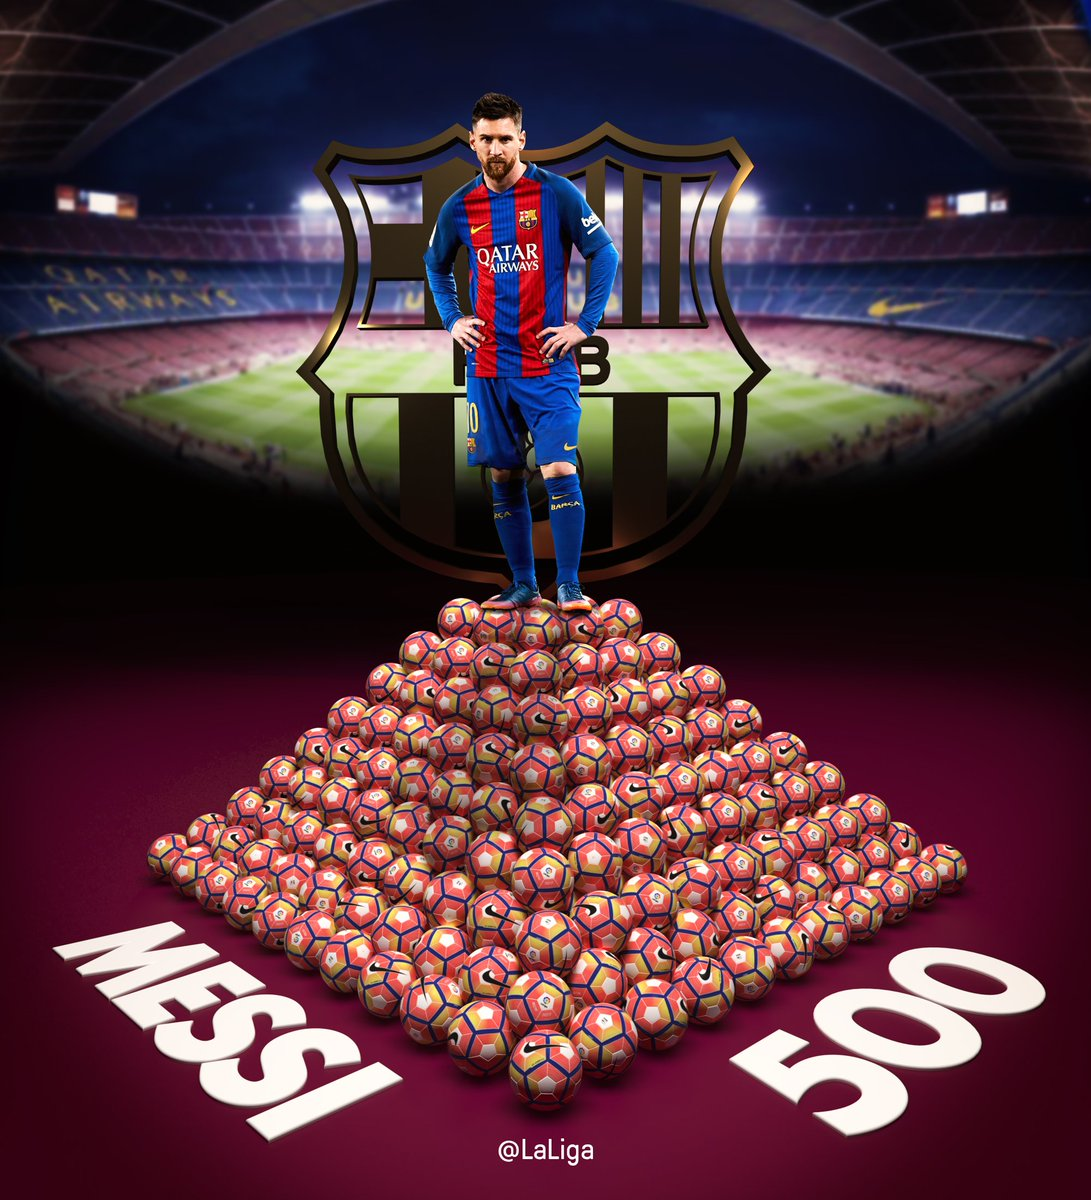 RT @LaLiga: Histórico #Messi... ¡500 goles con el @FCBarcelona_es!  #ElClasico https://t.co/2qfq662spp